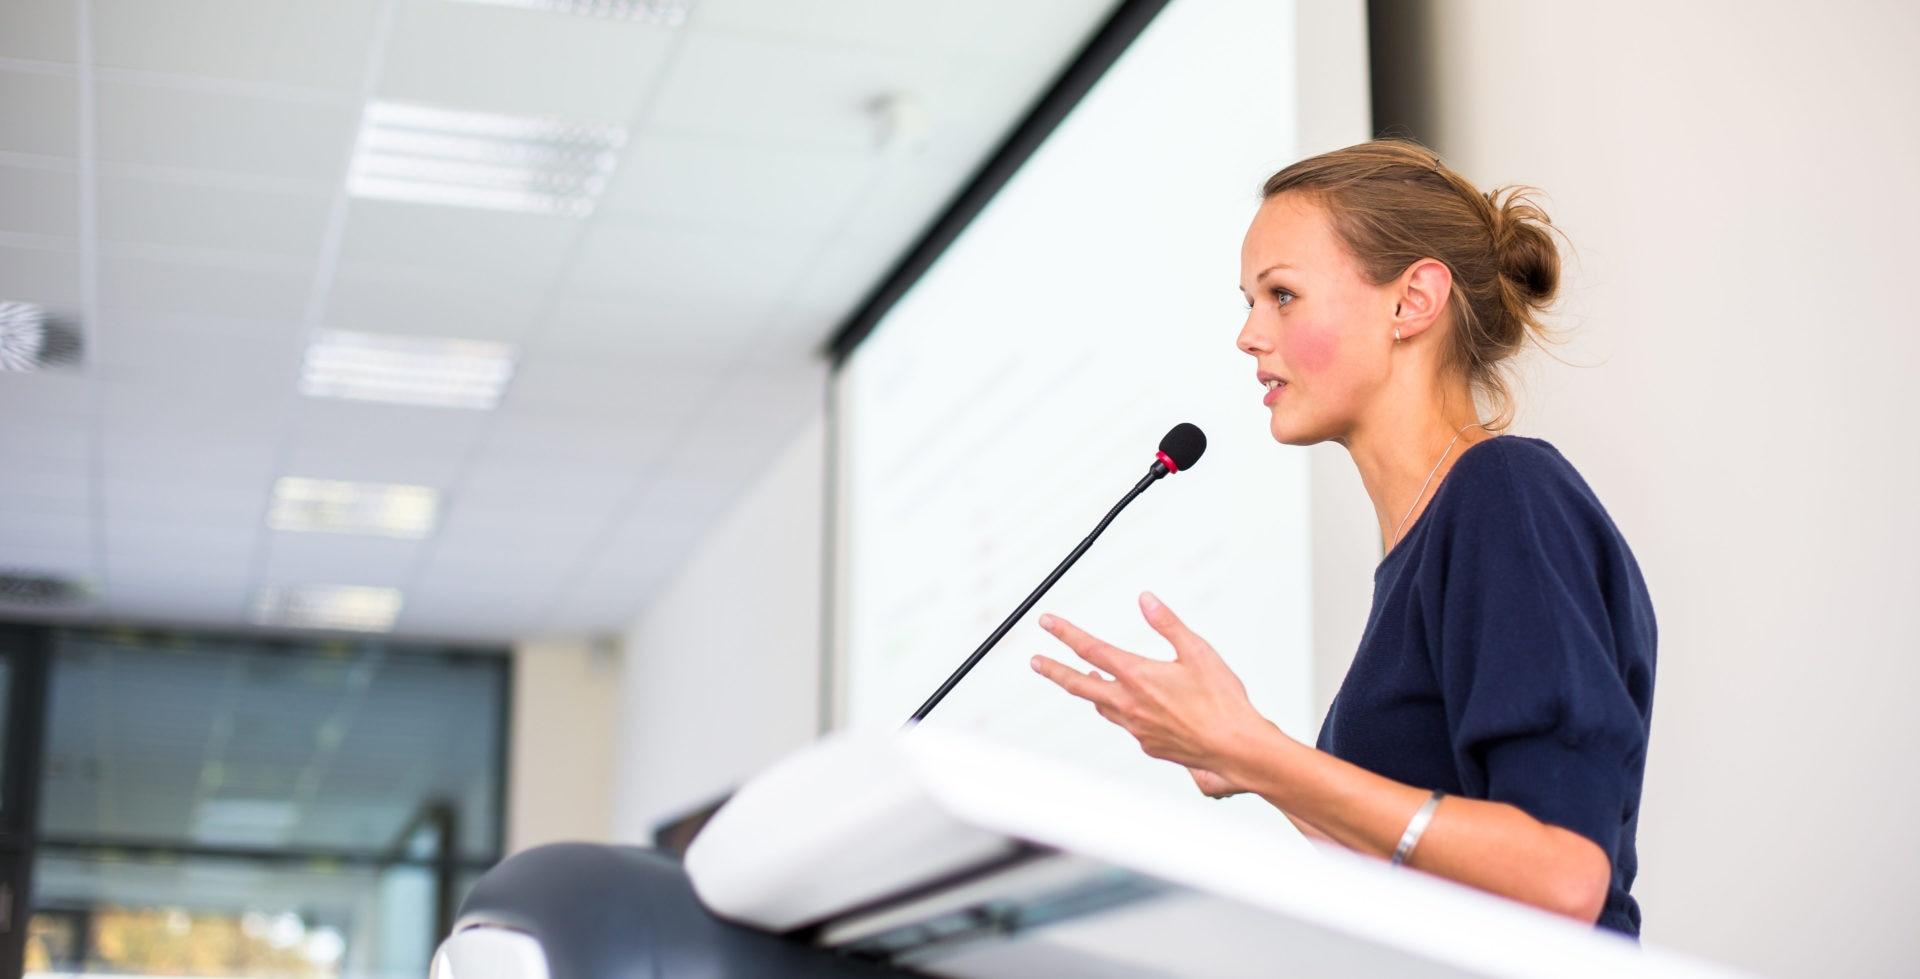 mujer-trabajdora-igualdad-genero-femenino-trabajo-equidad-diversidad-laboral-conferencia-bbva